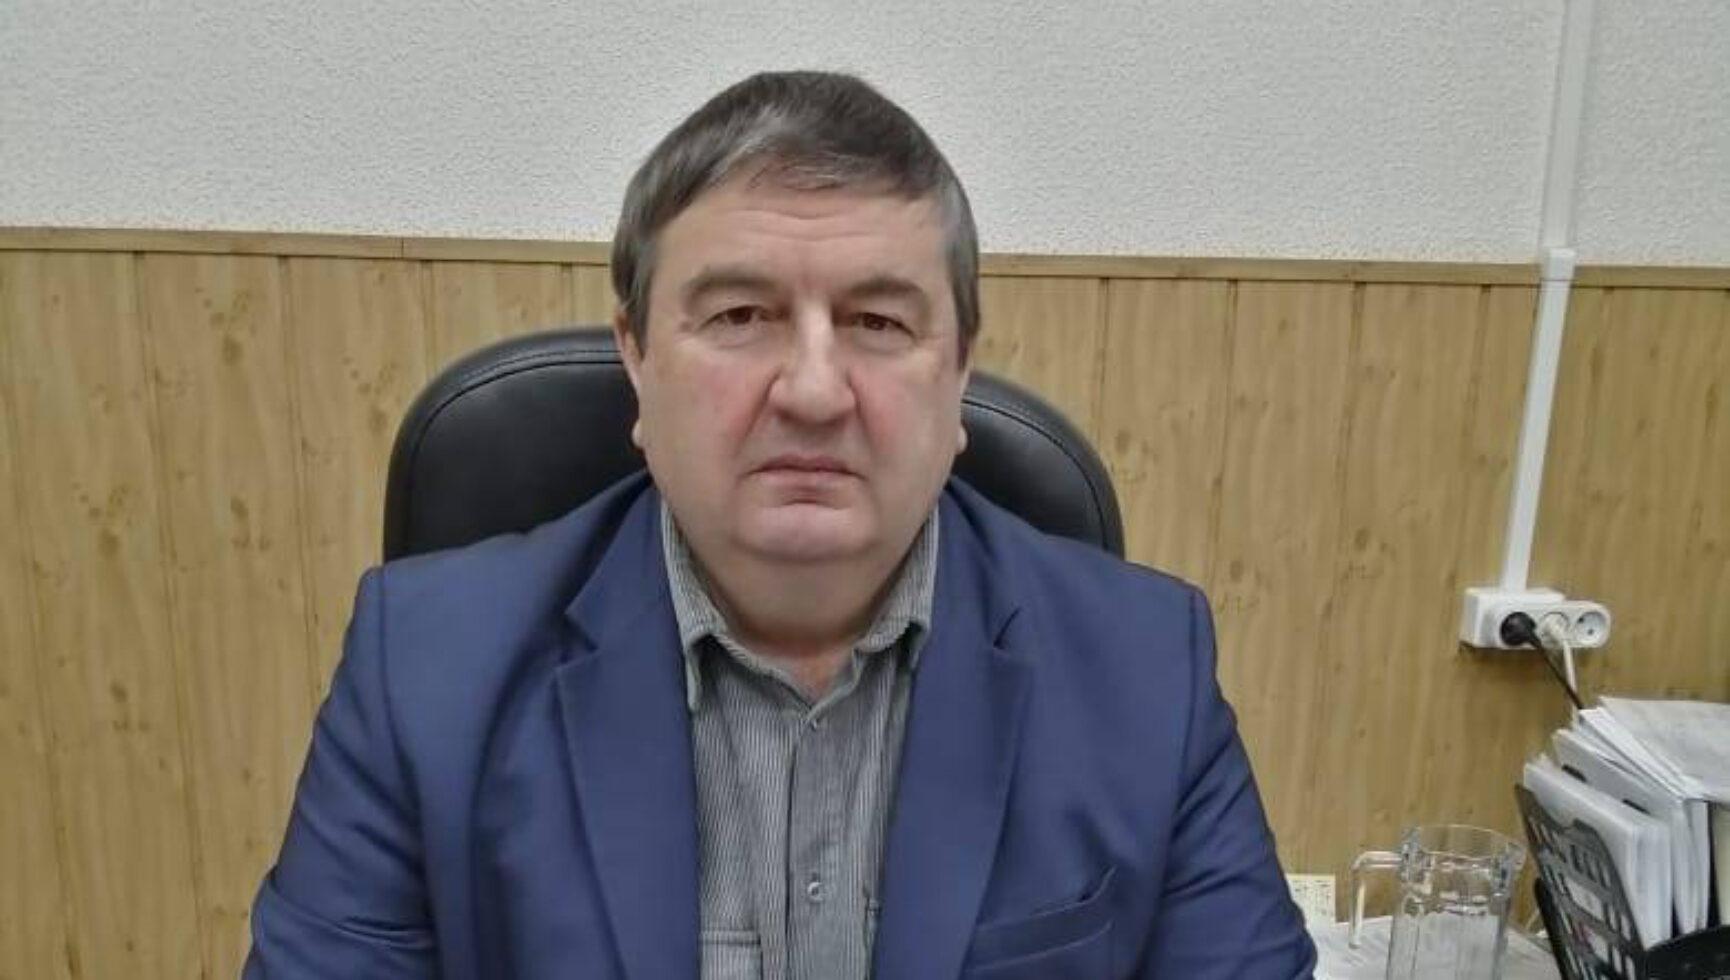 Поздравляем Герасименко Николая Леонидовича, главу администрации муниципального образования город Липки Киреевского района, с Днем рождения!